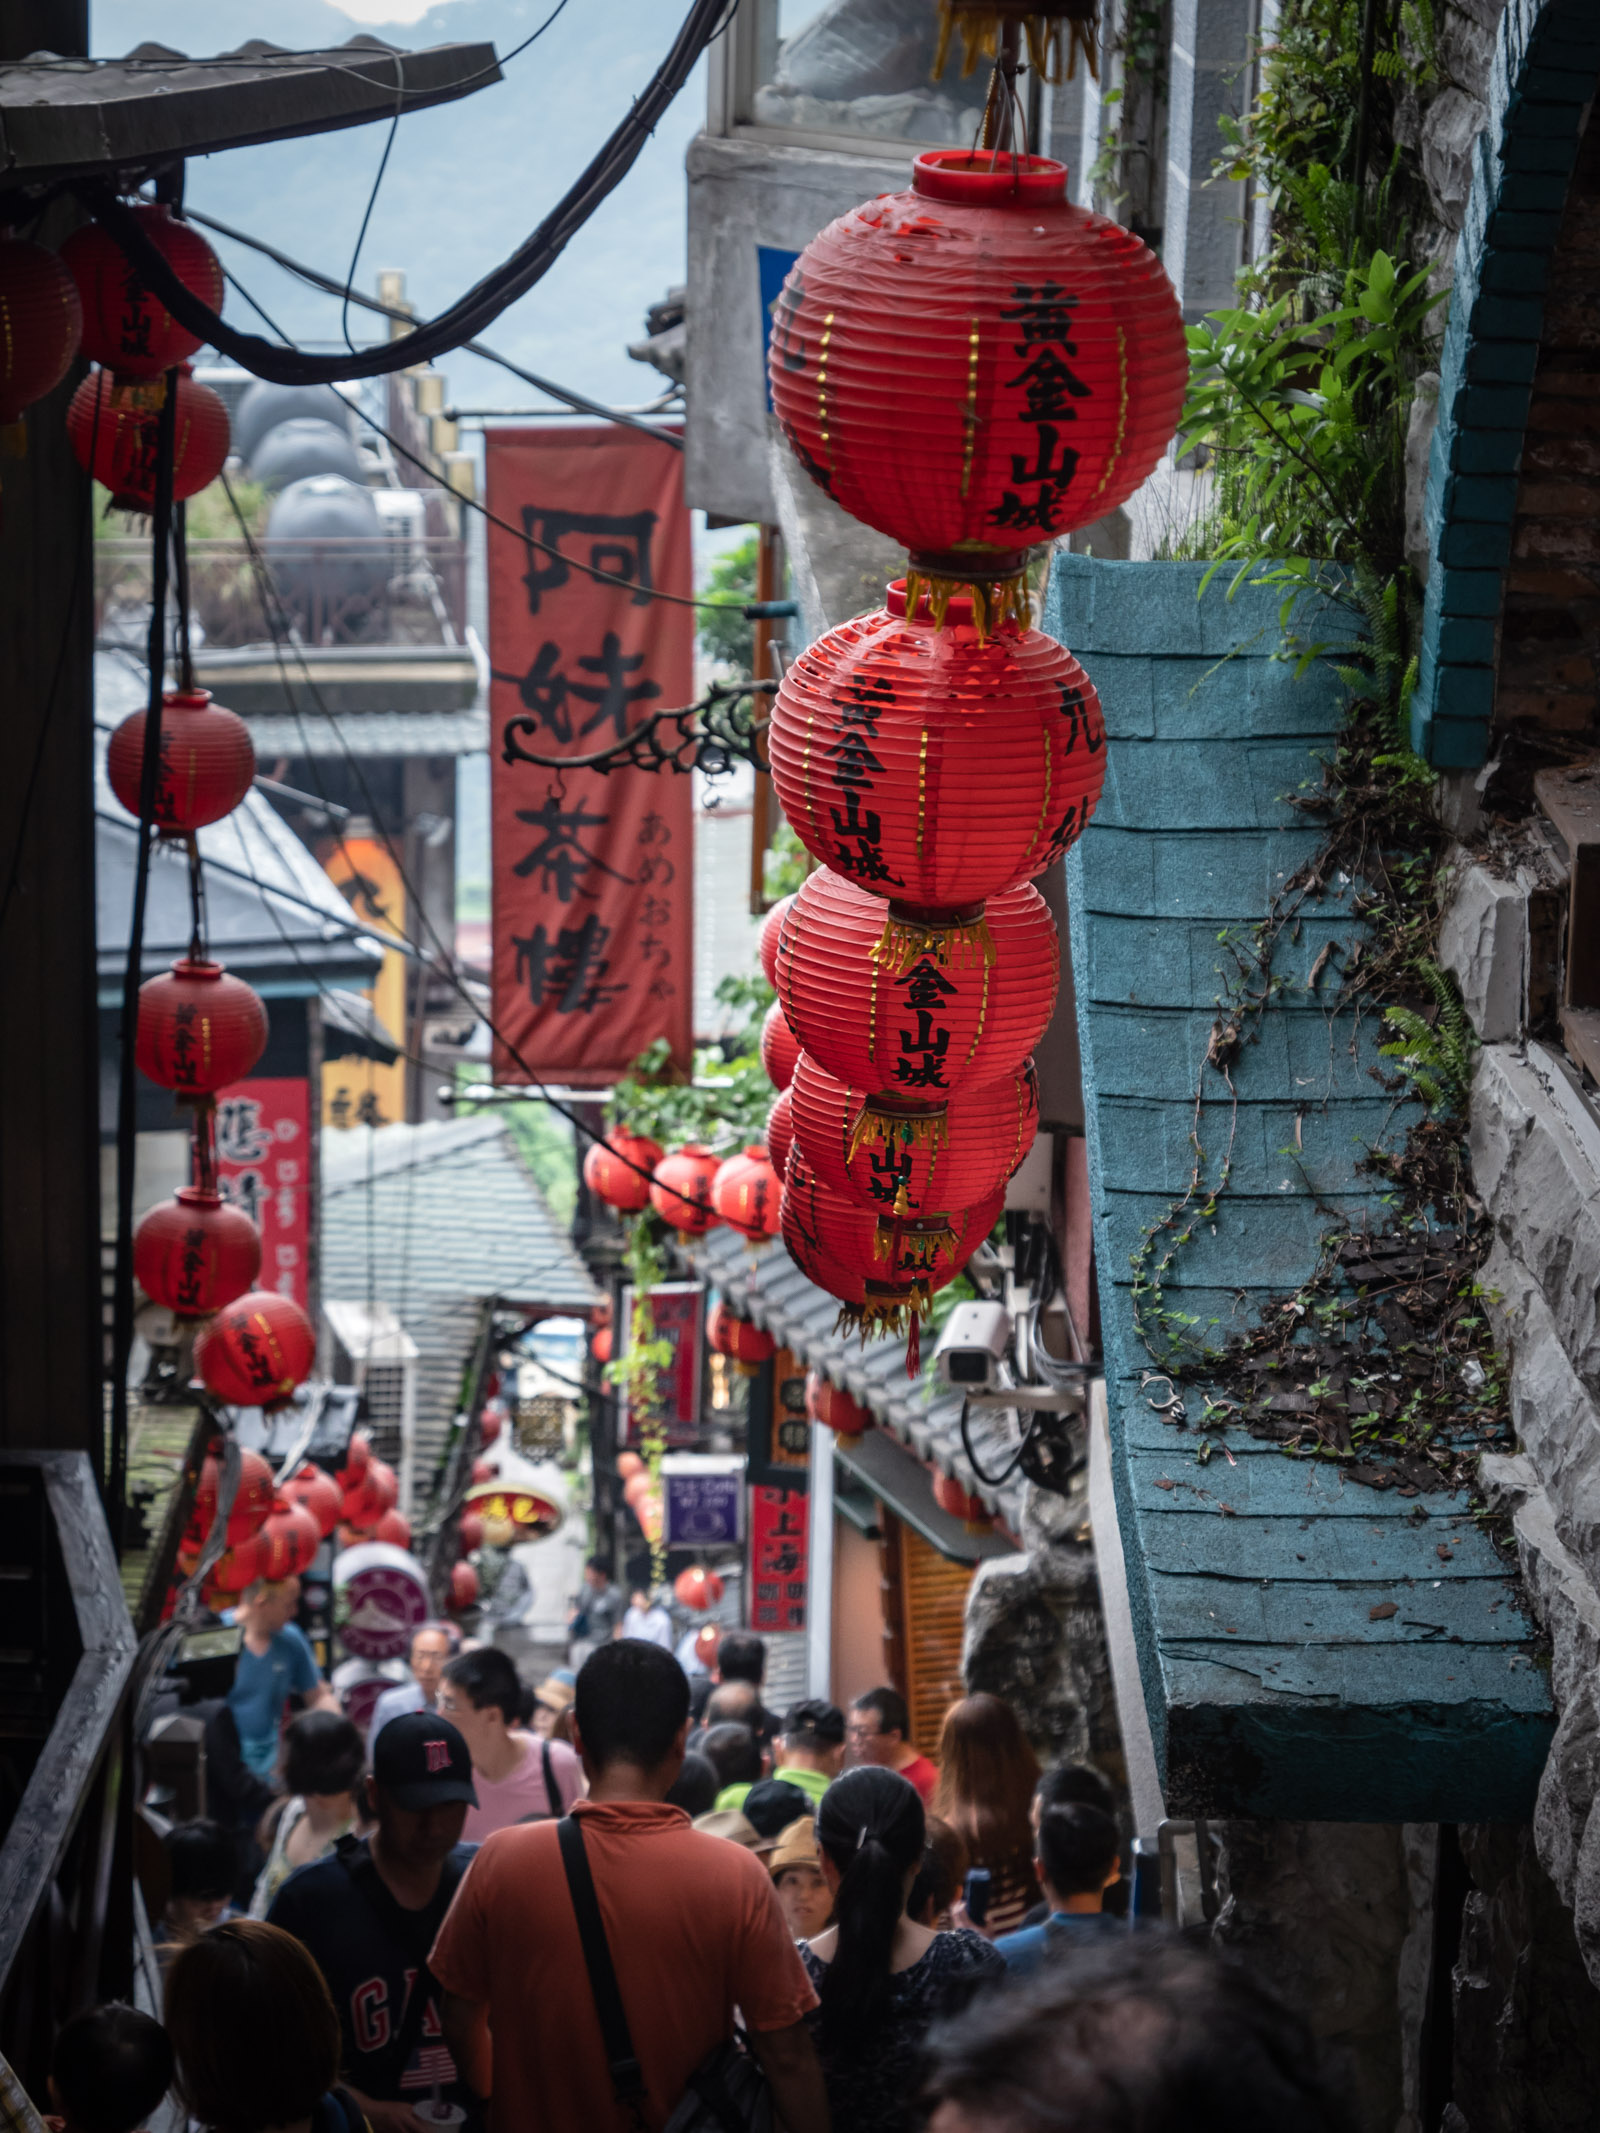 提灯が並ぶ「 阿妹茶樓」へ続く急な下り坂と行き交う大勢の人々